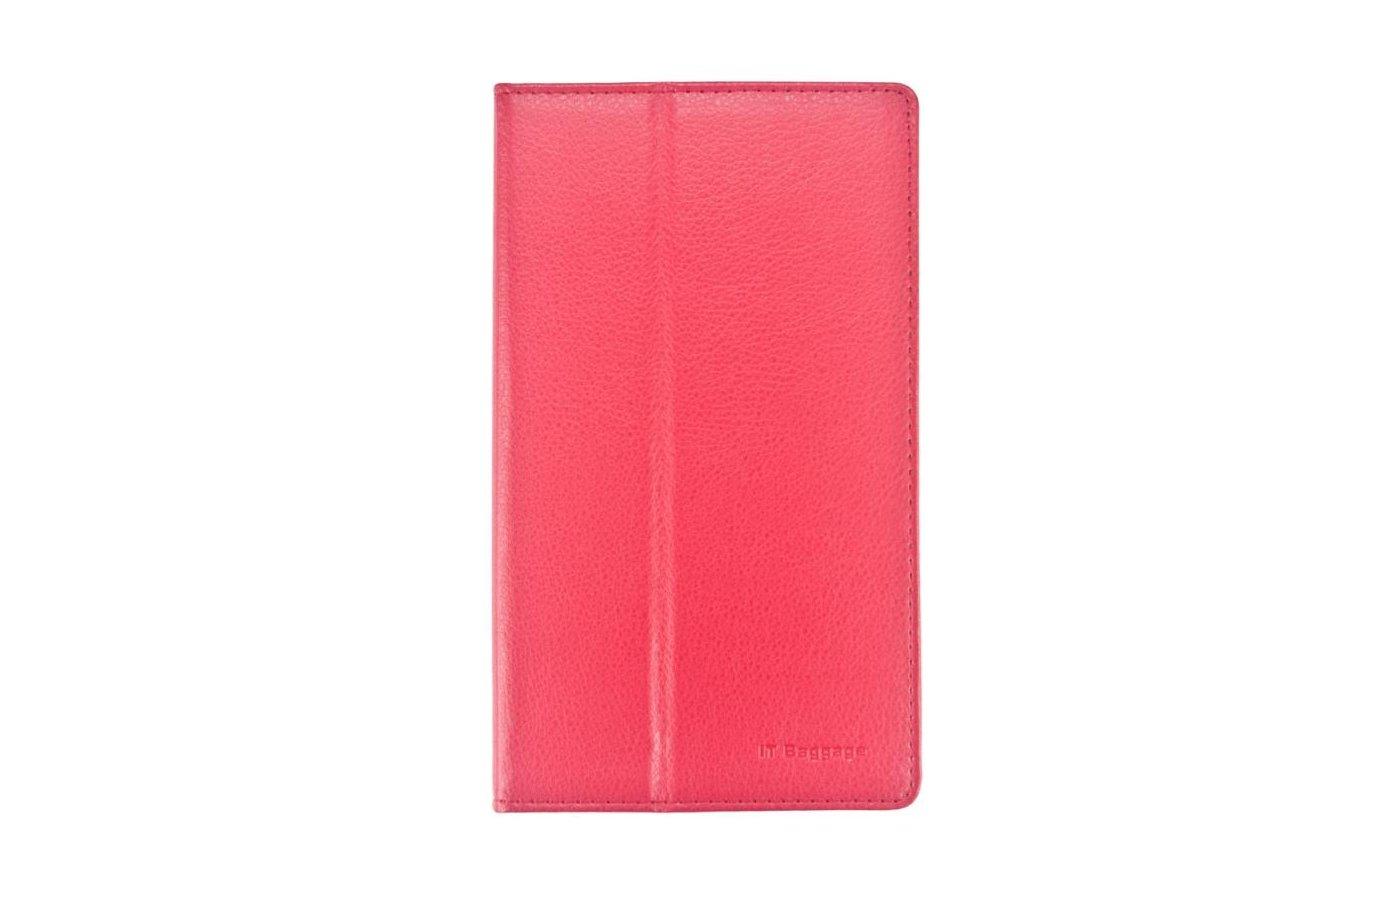 Чехол для планшетного ПК IT BAGGAGE для ASUS MeMO Pad 7 ME572C/CE искус. кожа с функцией стенд красный ITASME572-3